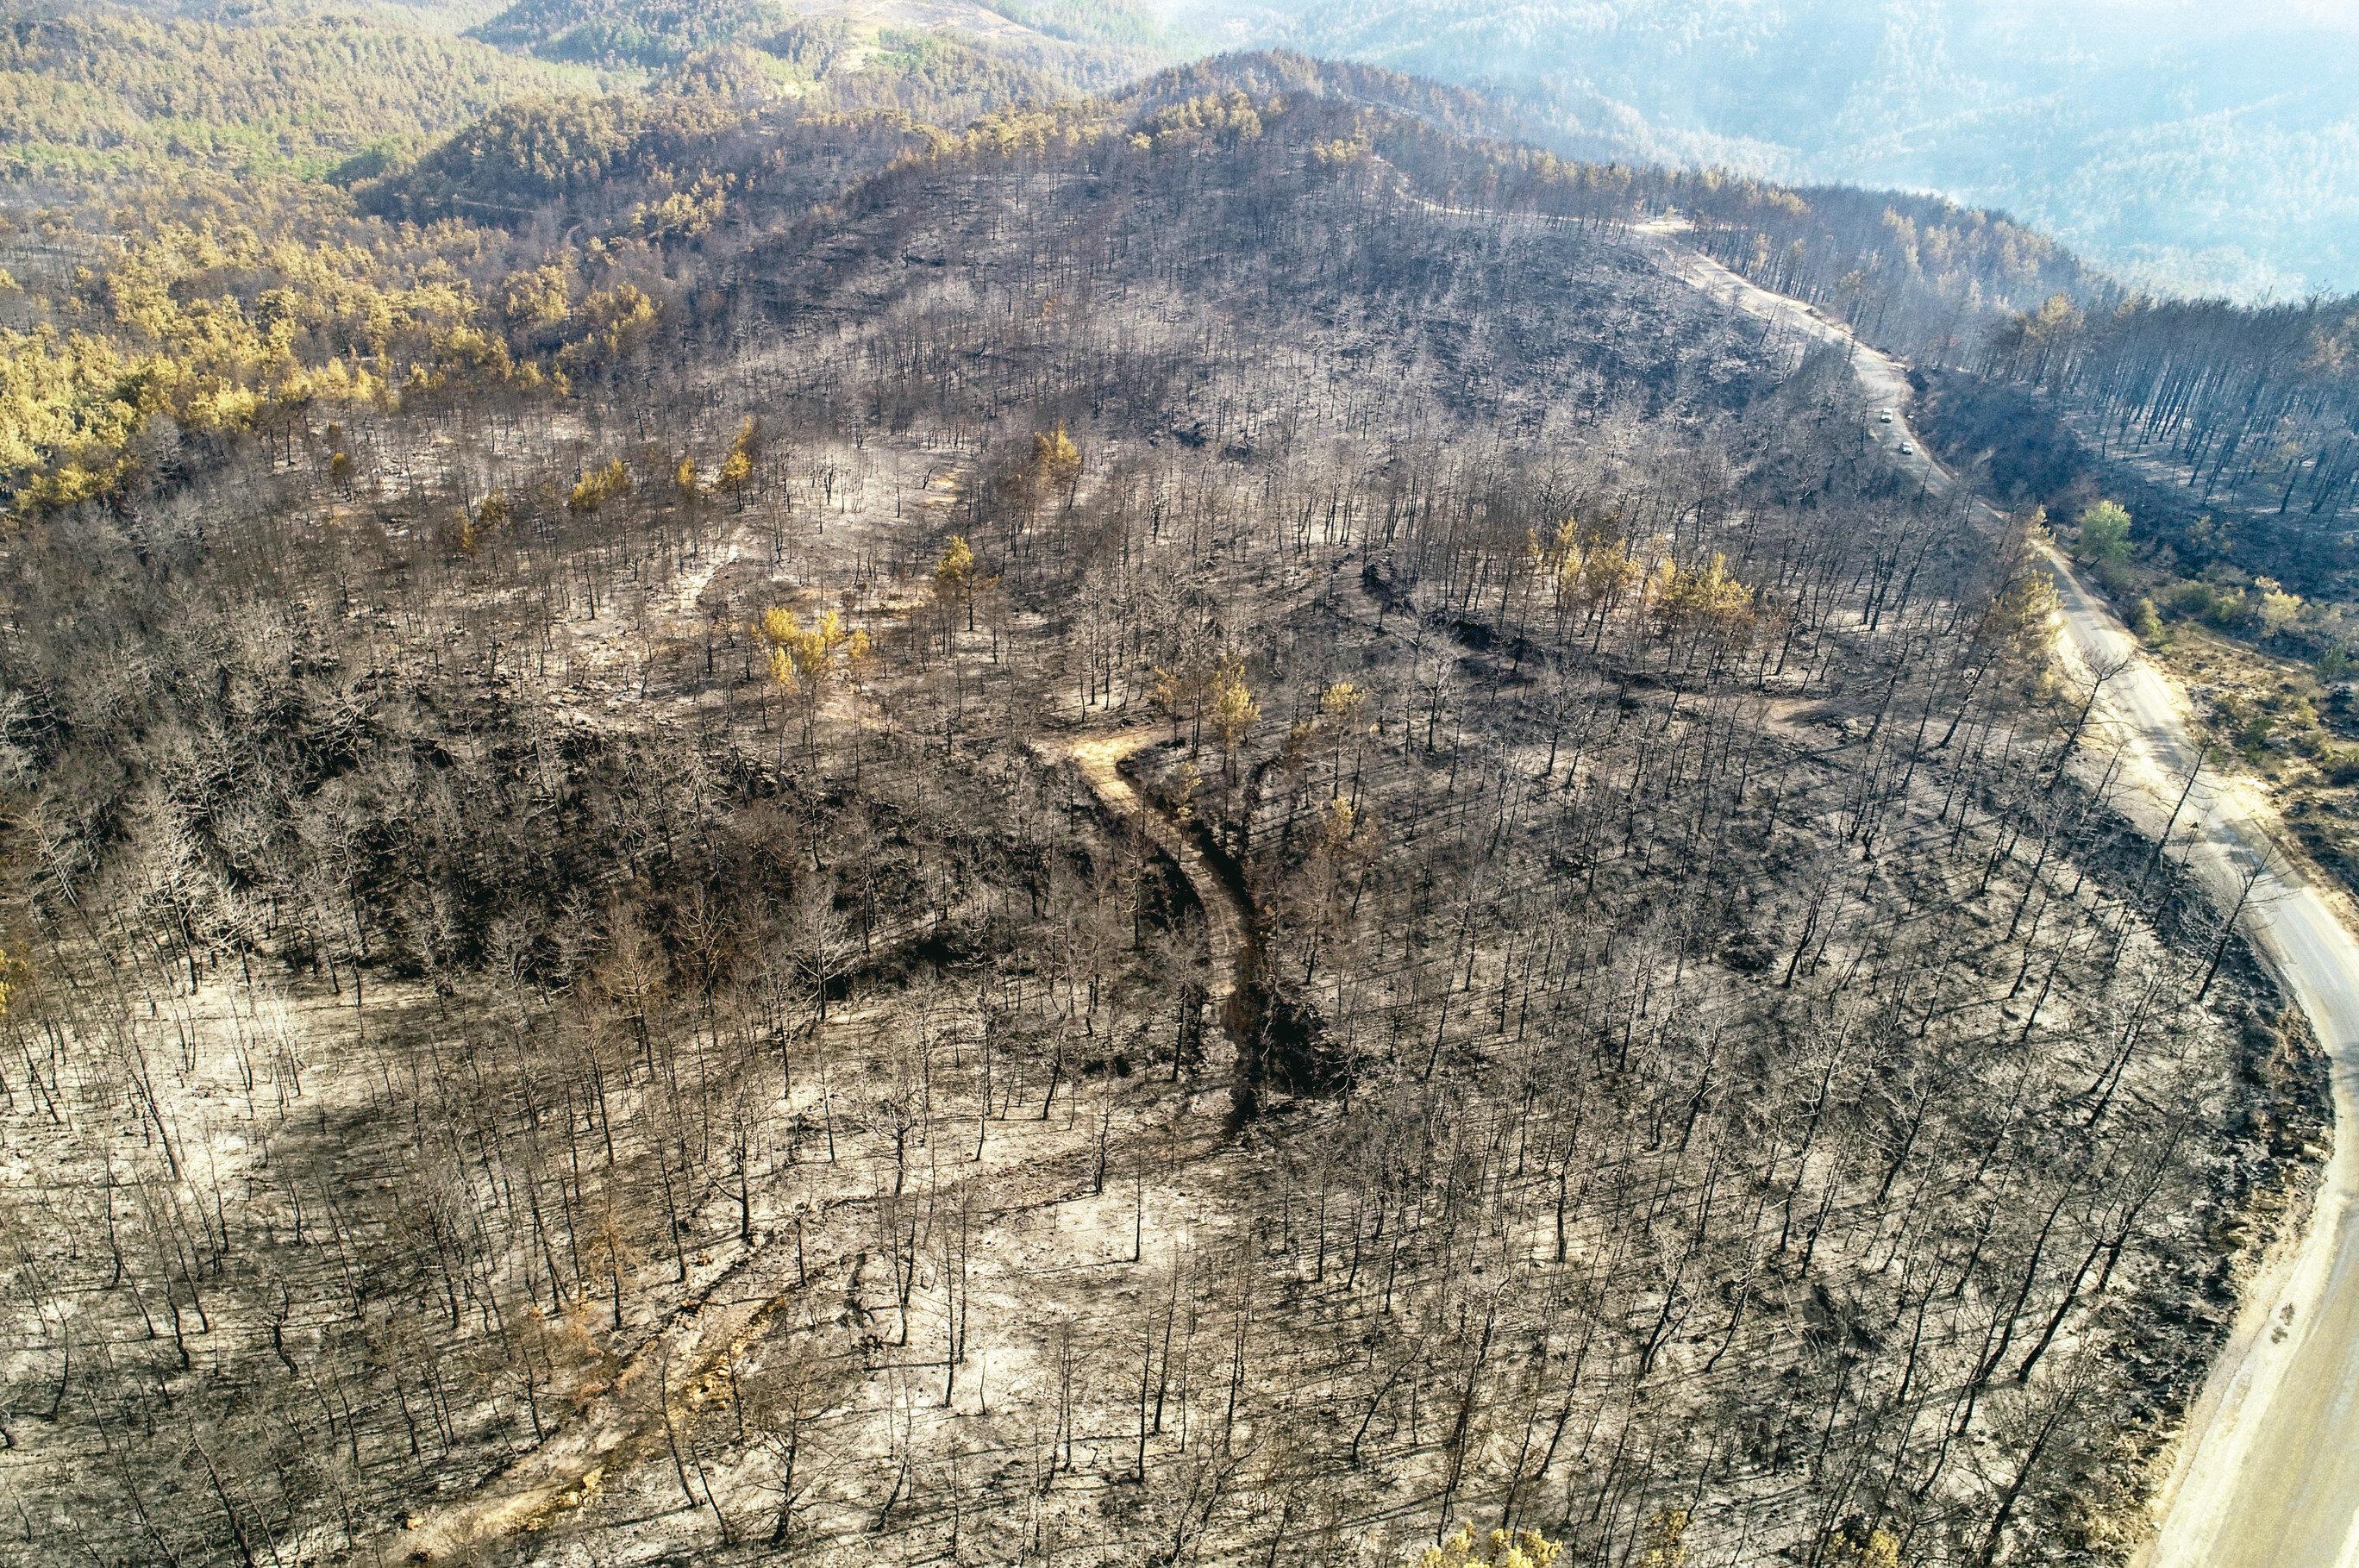 Antalya'da yangın söndürme helikopteri pilotlarının müdahale sırasında çektiği görüntüler, yangının boyutunu gözler önüne serdi. Bölgede söndürülen alanlar da dronla görüntülendi.